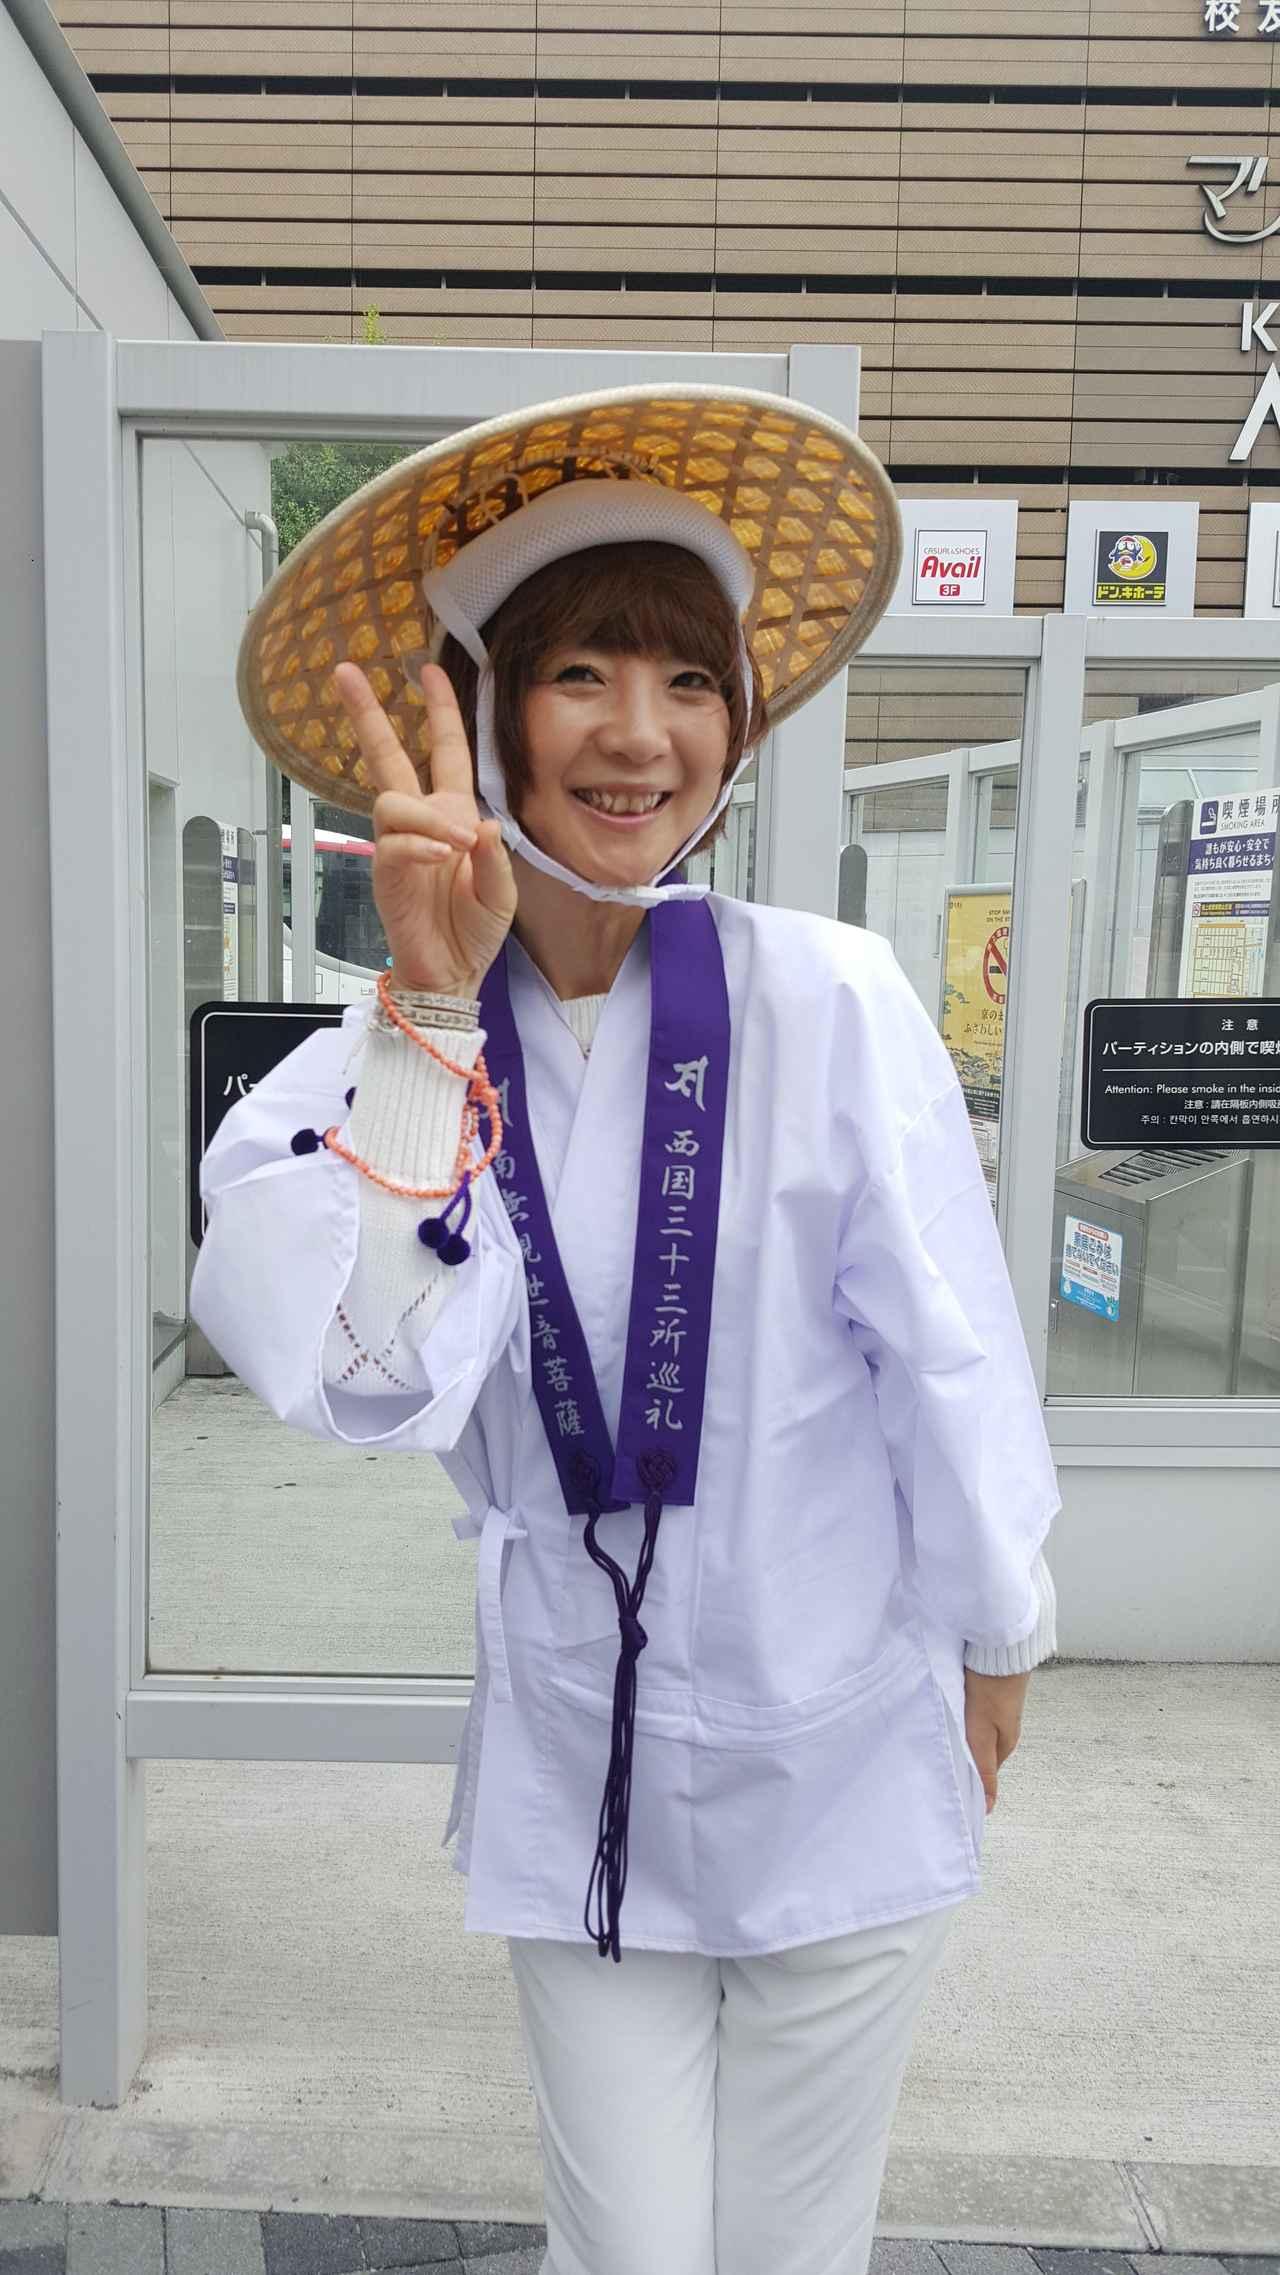 画像: 待ちに待ったバスツアー!ということで、きよぴーは気合十分♪ 巡礼者の装束を身にまとい、京都駅を出発しました。